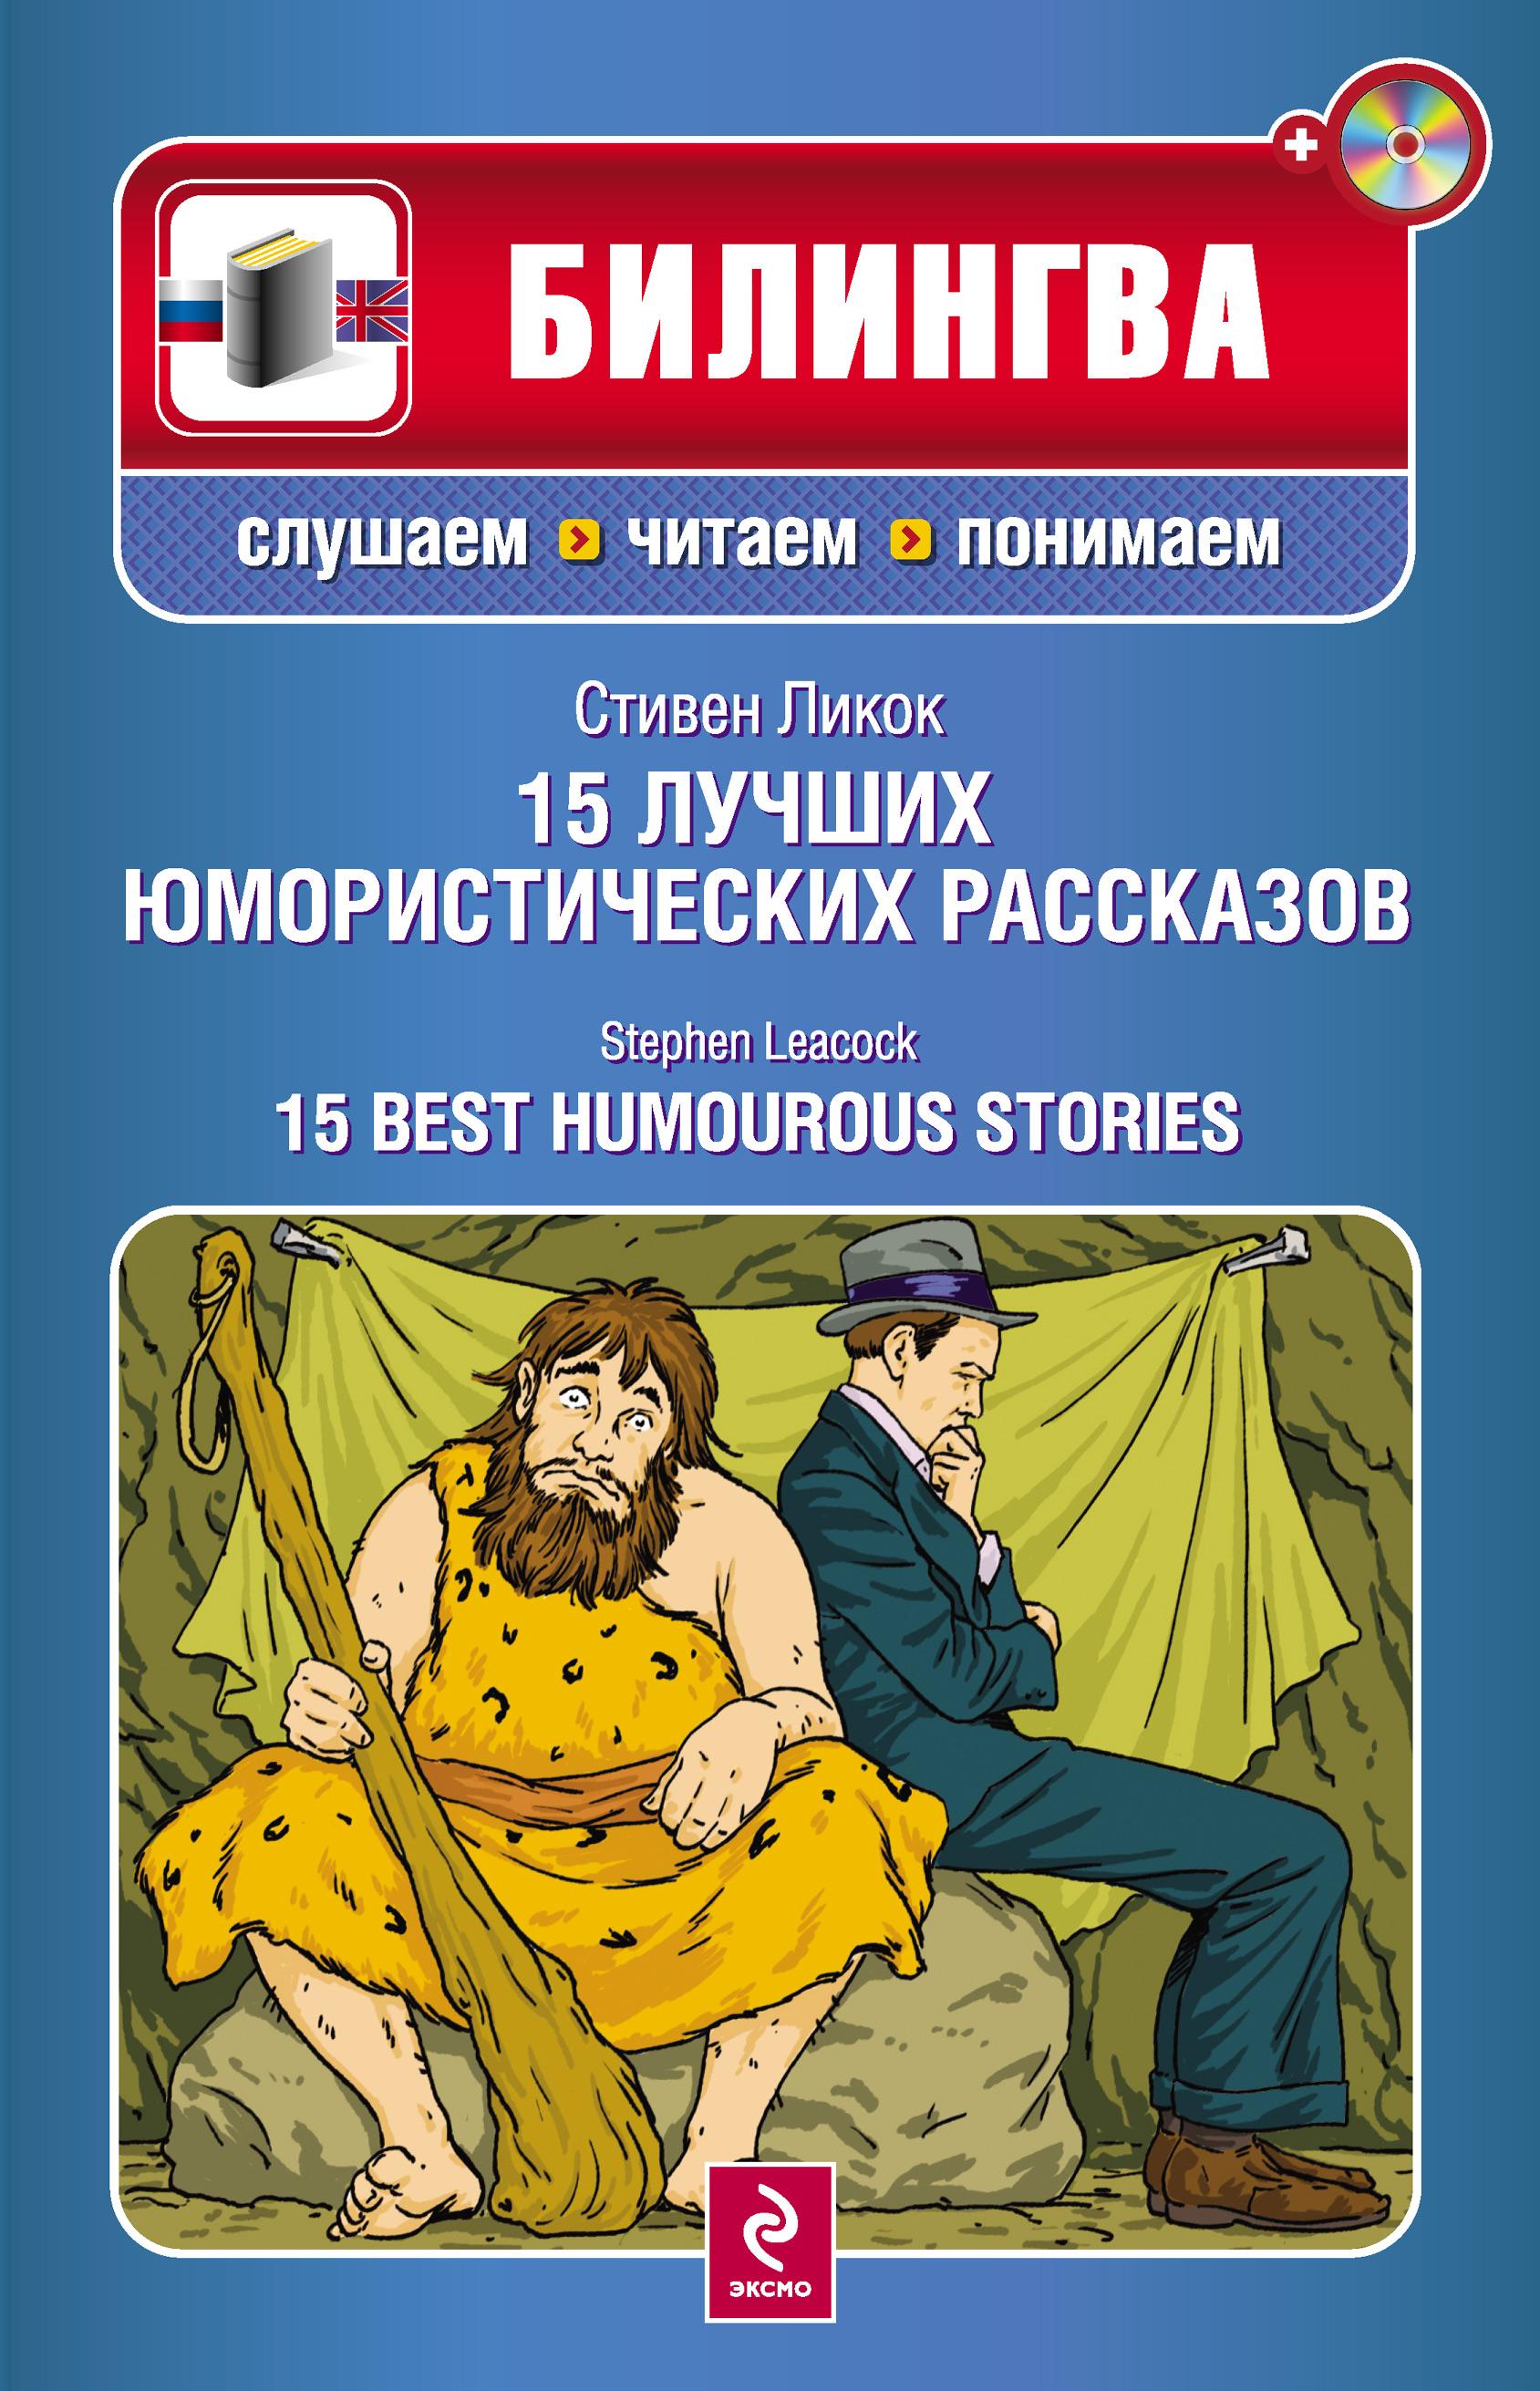 15 лучших юмористических рассказов / 15 Best Humourous Stories (+MP3) фото